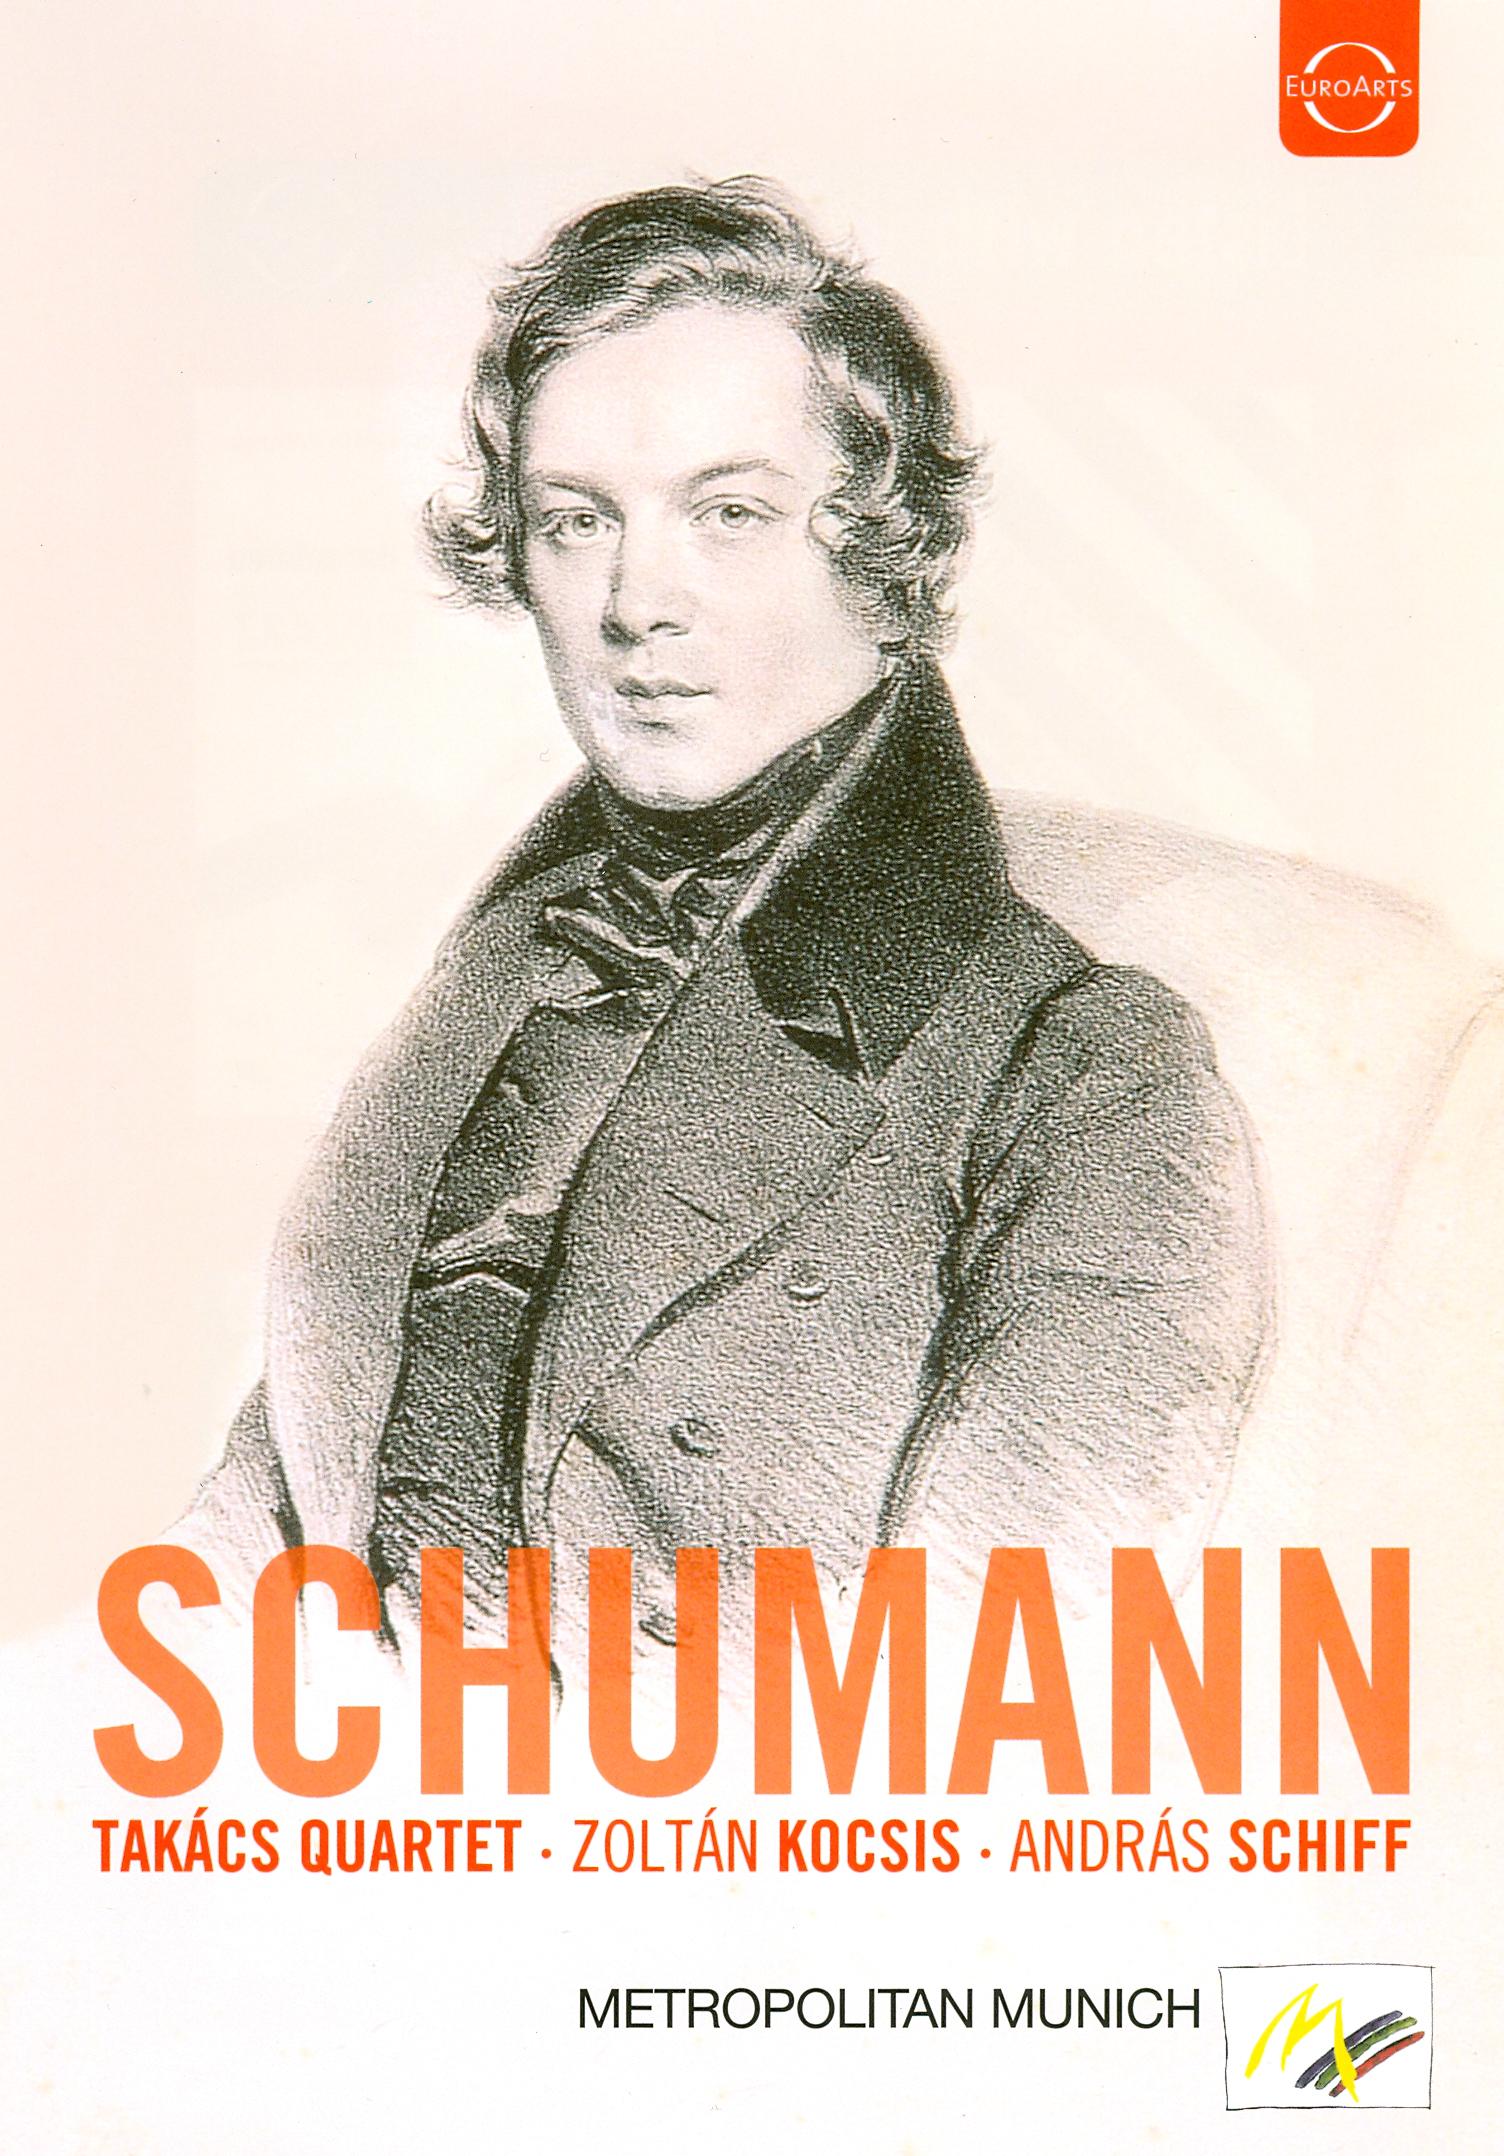 Takacs Quartet/Zoltan Kocsis/Andras Schiff: Schumann